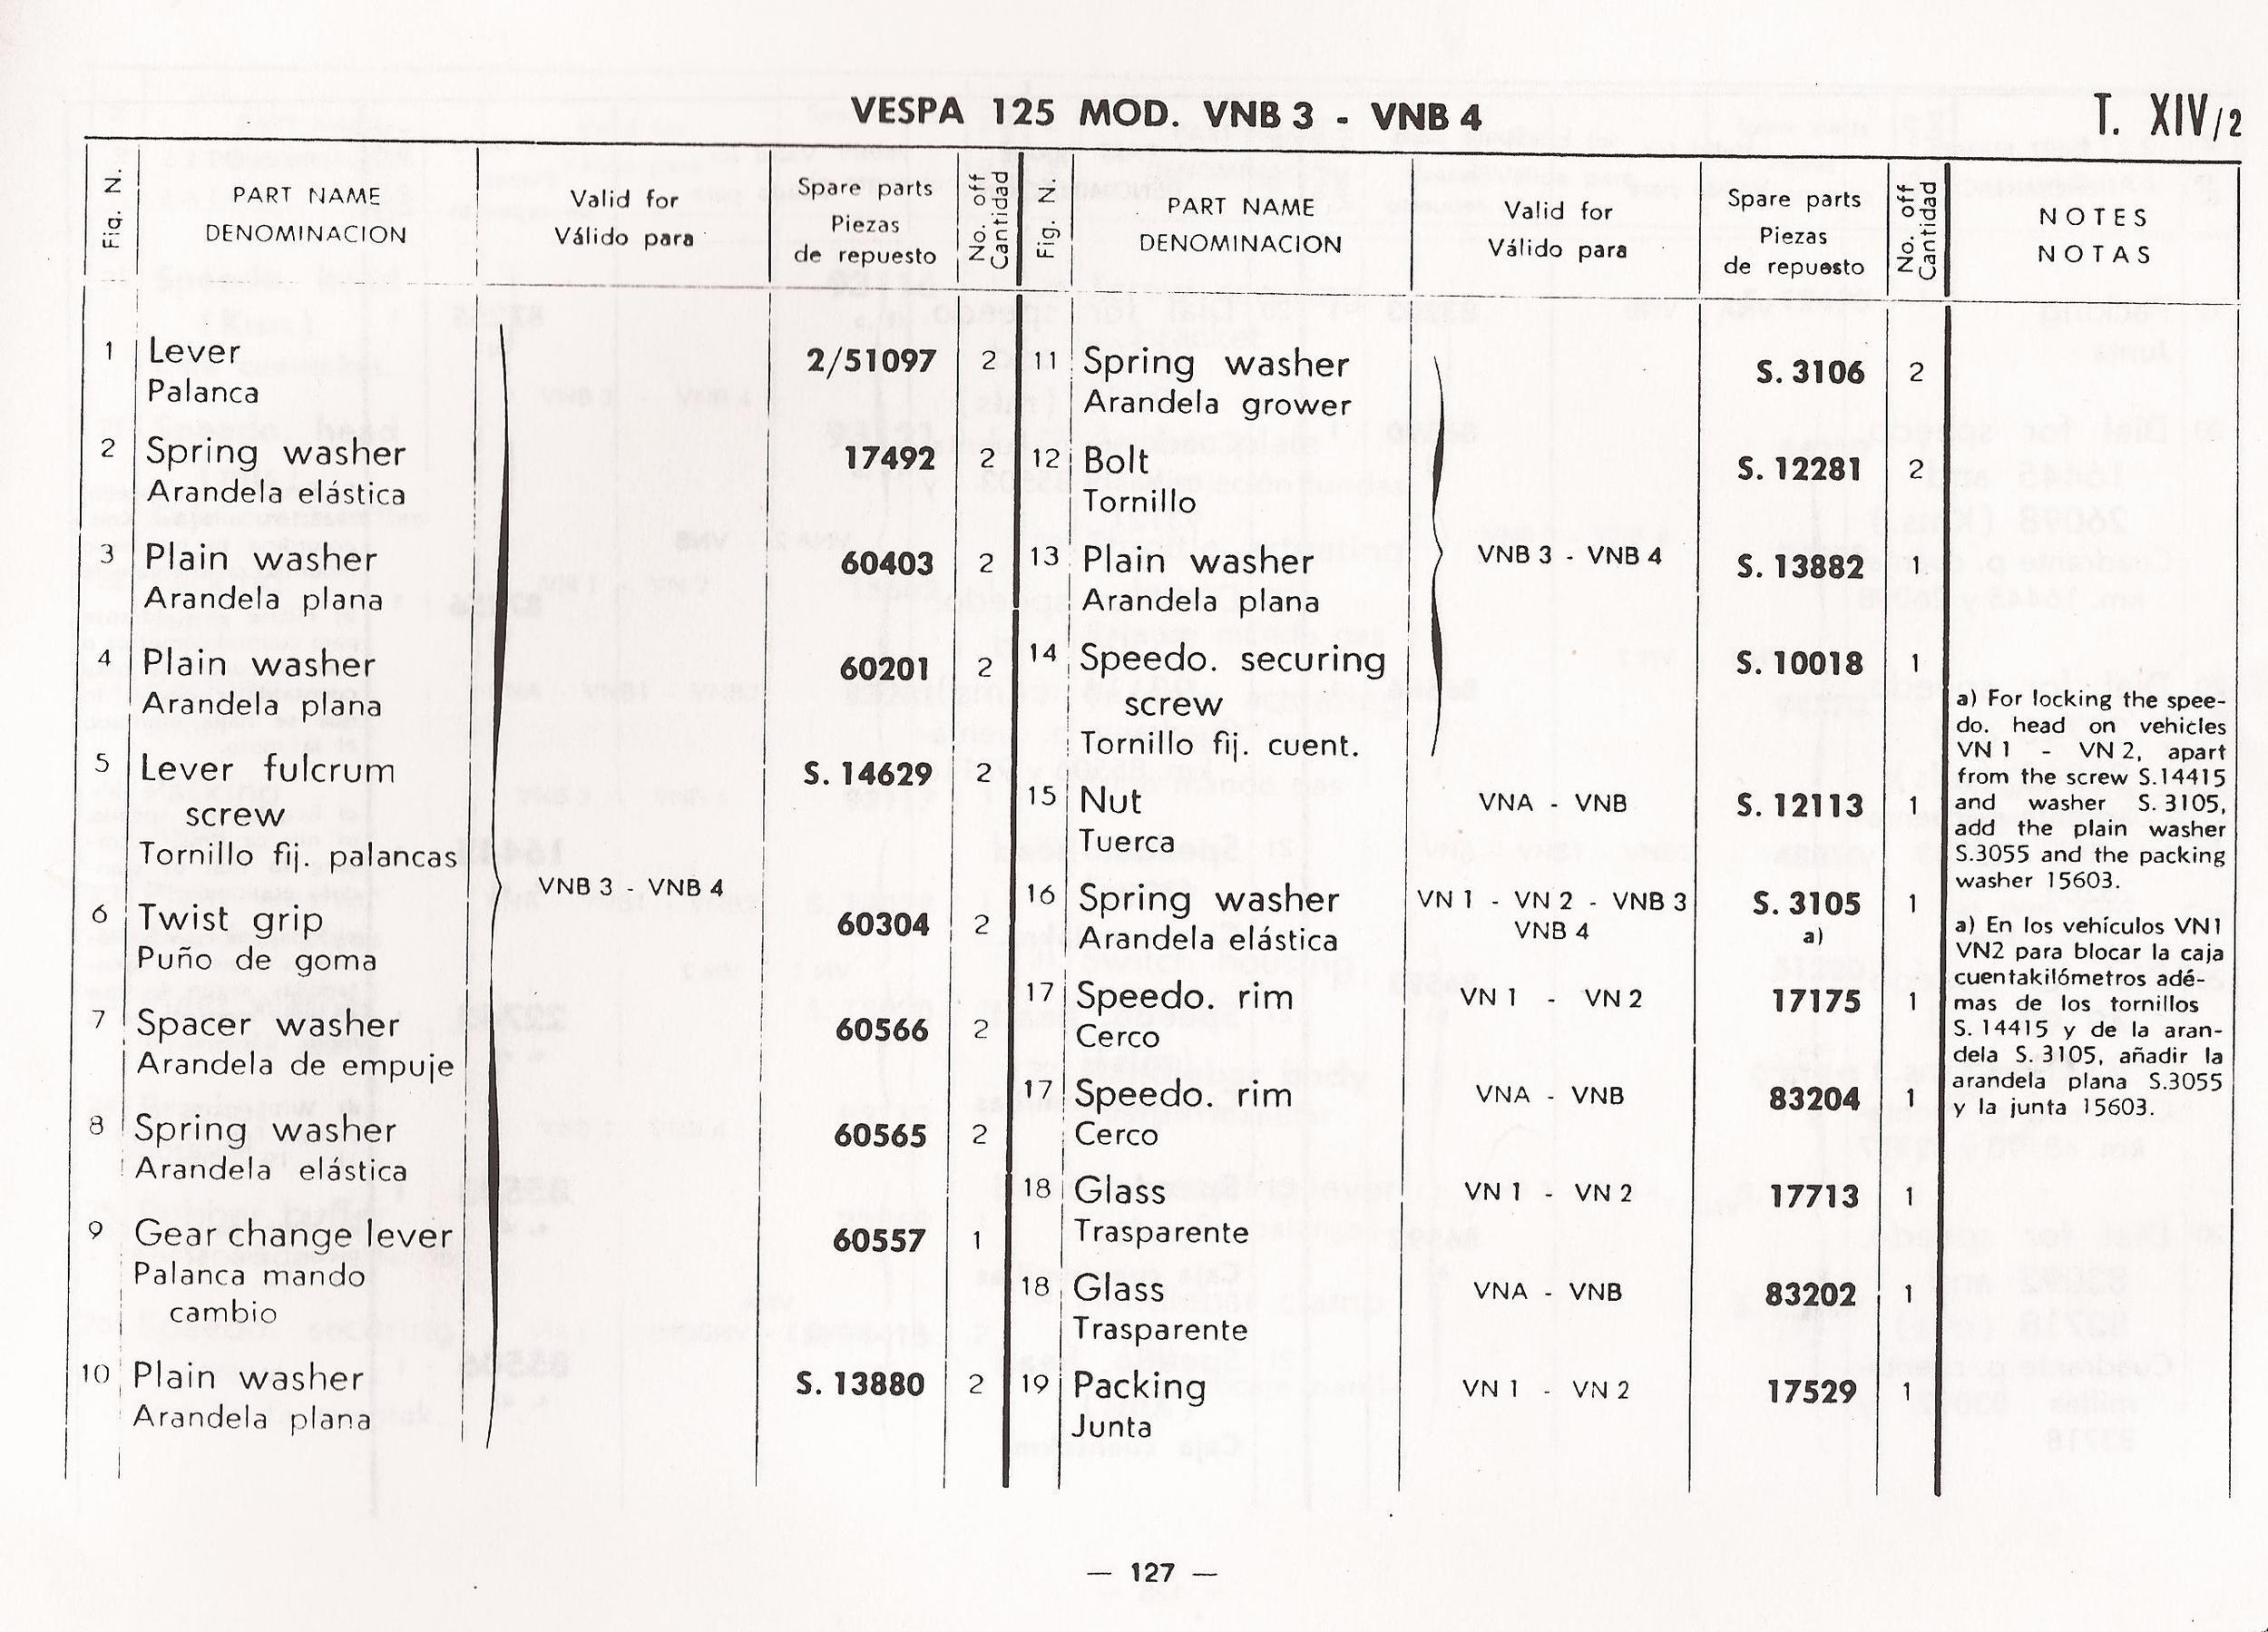 07-16-2013 vespa 125 catalog manuel 137.jpg